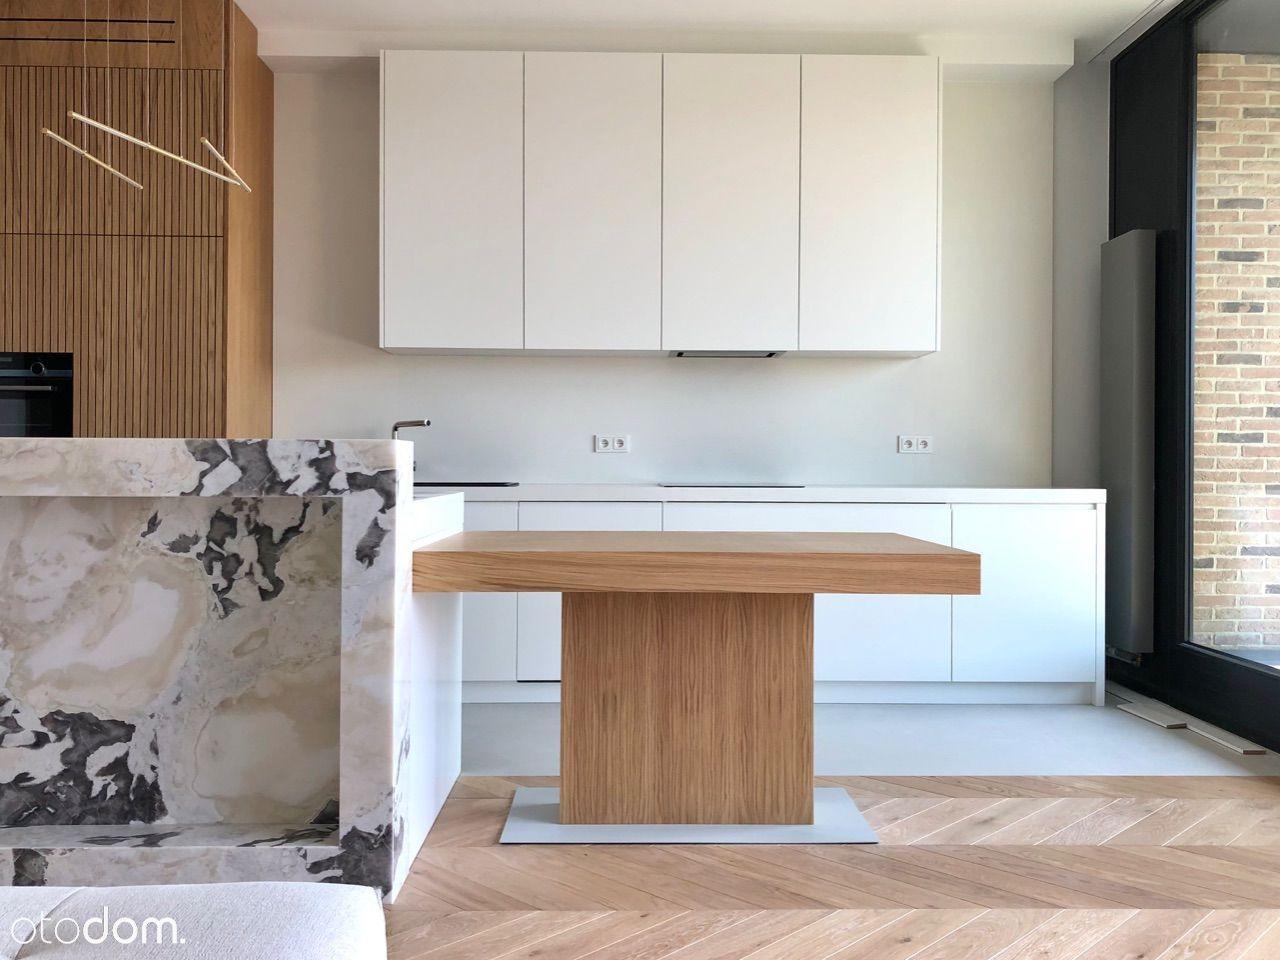 Apartament 100 m2 w okolicy Łazienek Królewskich